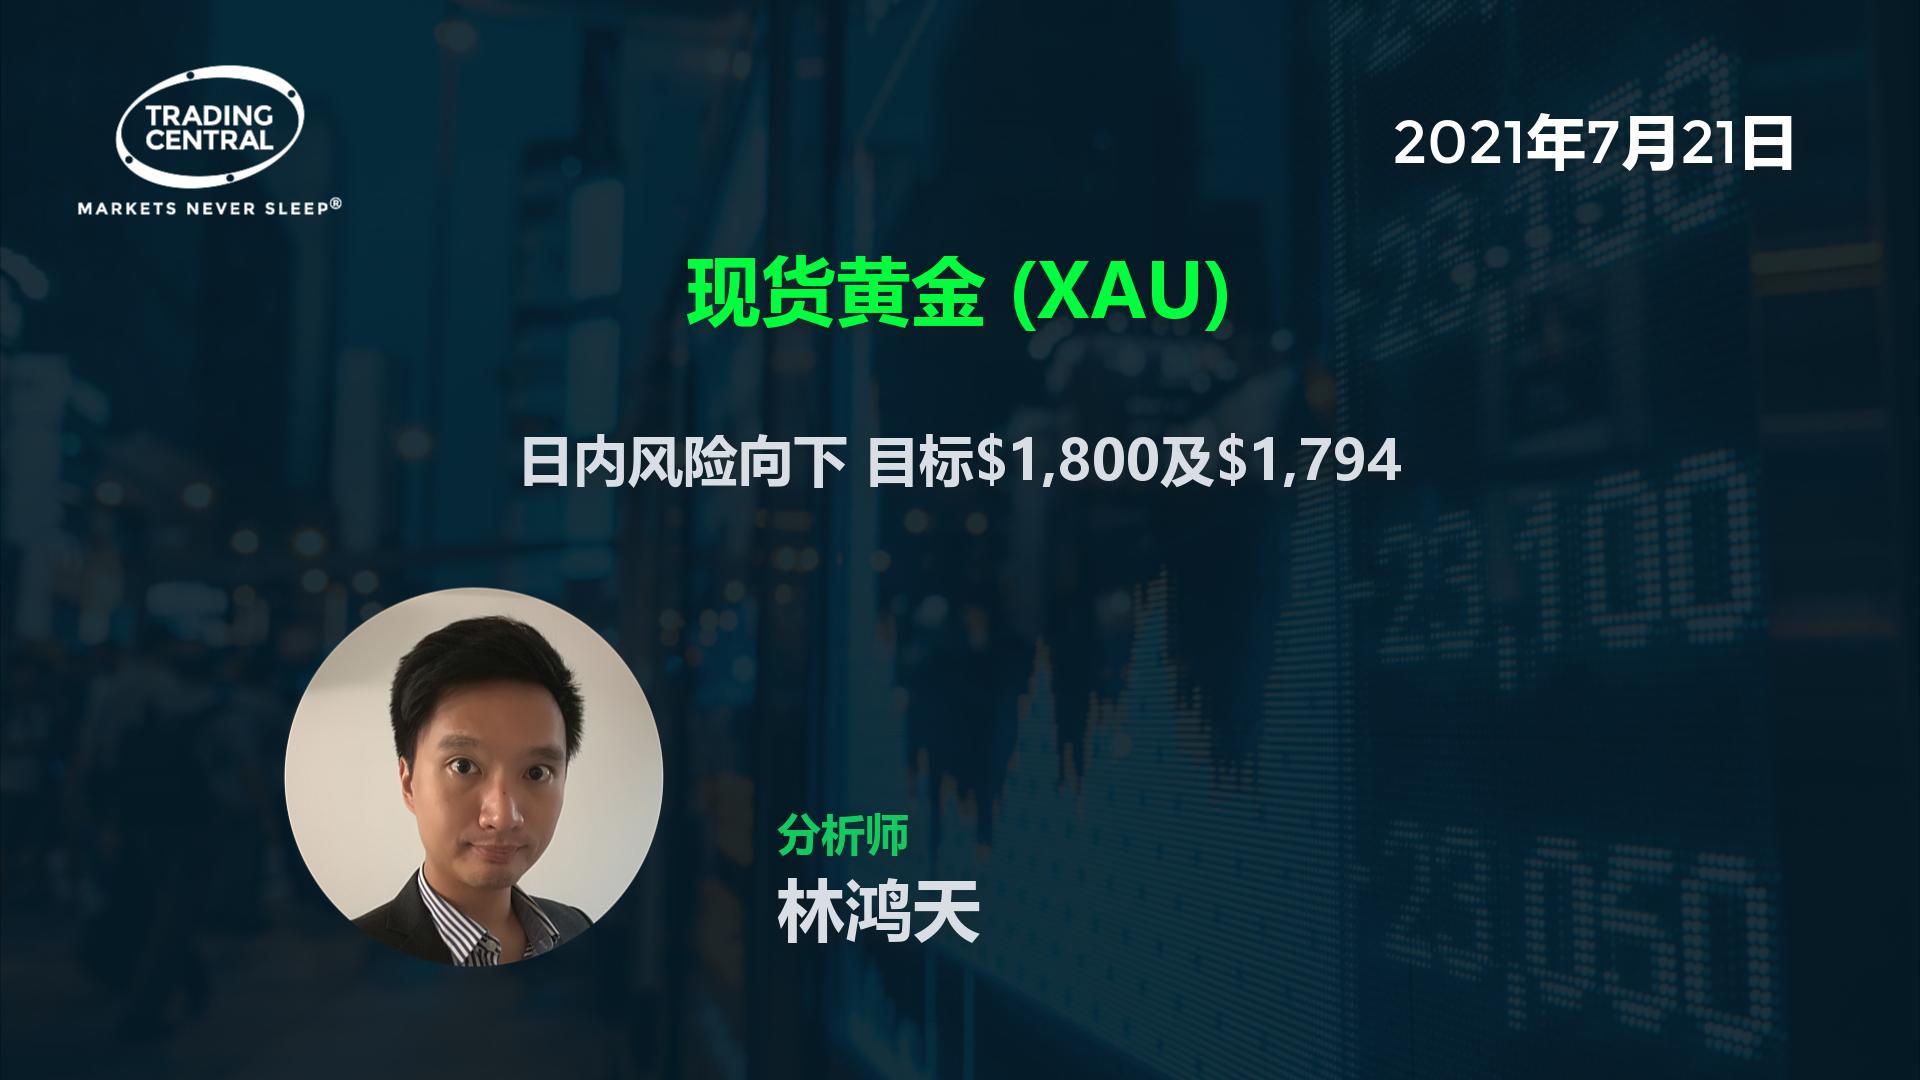 现货黄金 (XAU) - 日内风险向下 目标$1,800及$1,794